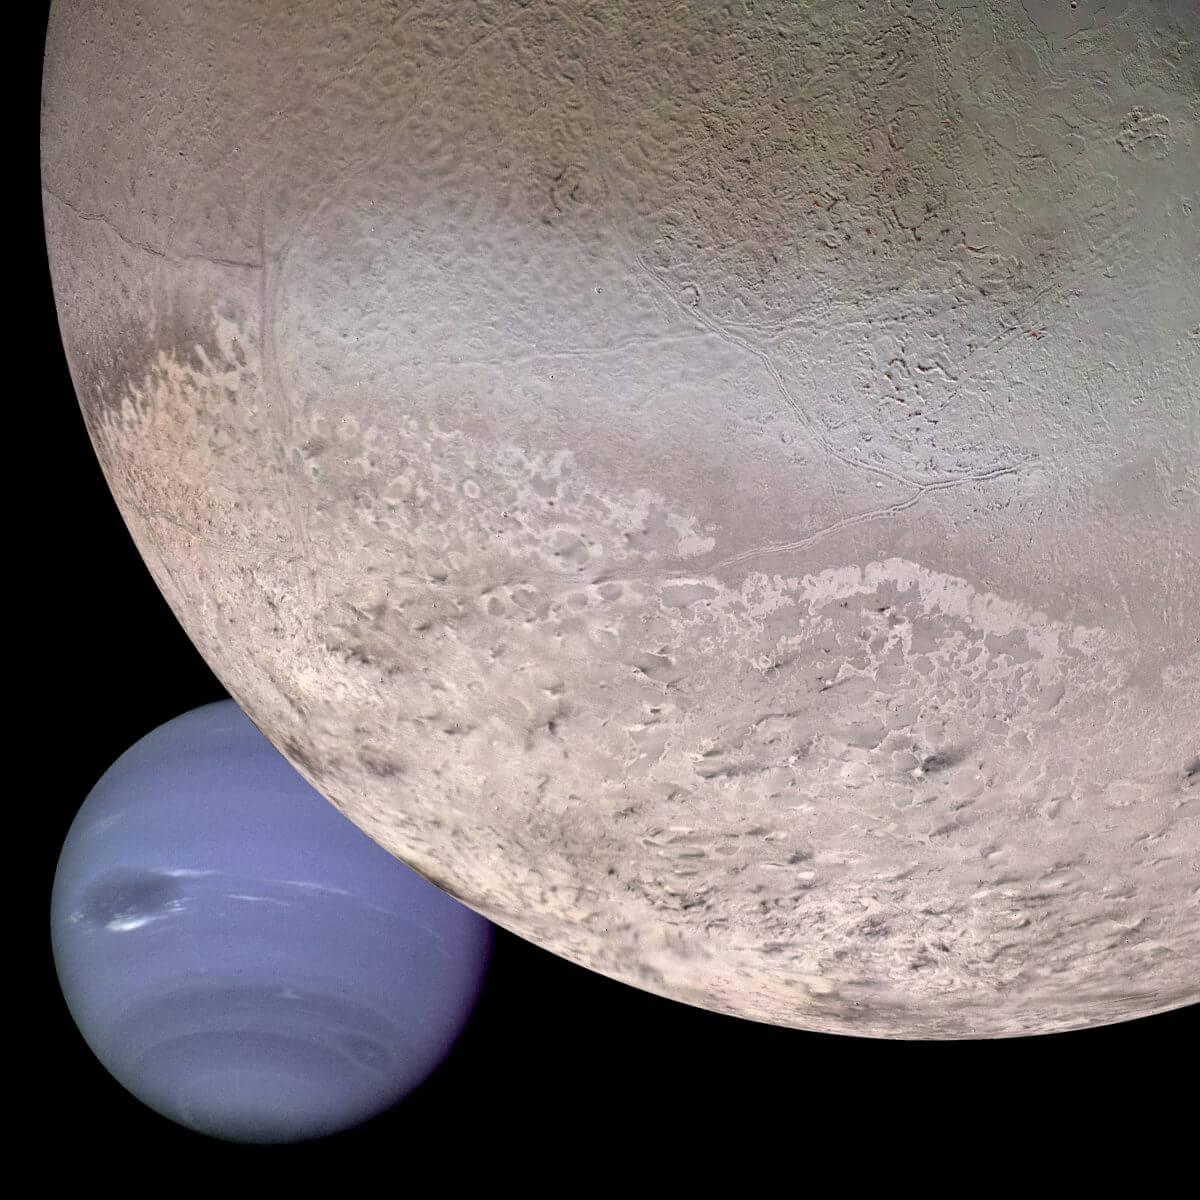 ボイジャー2号が撮影した海王星(左下)と衛星トリトン(右上)の合成画像(Credit: NASA)